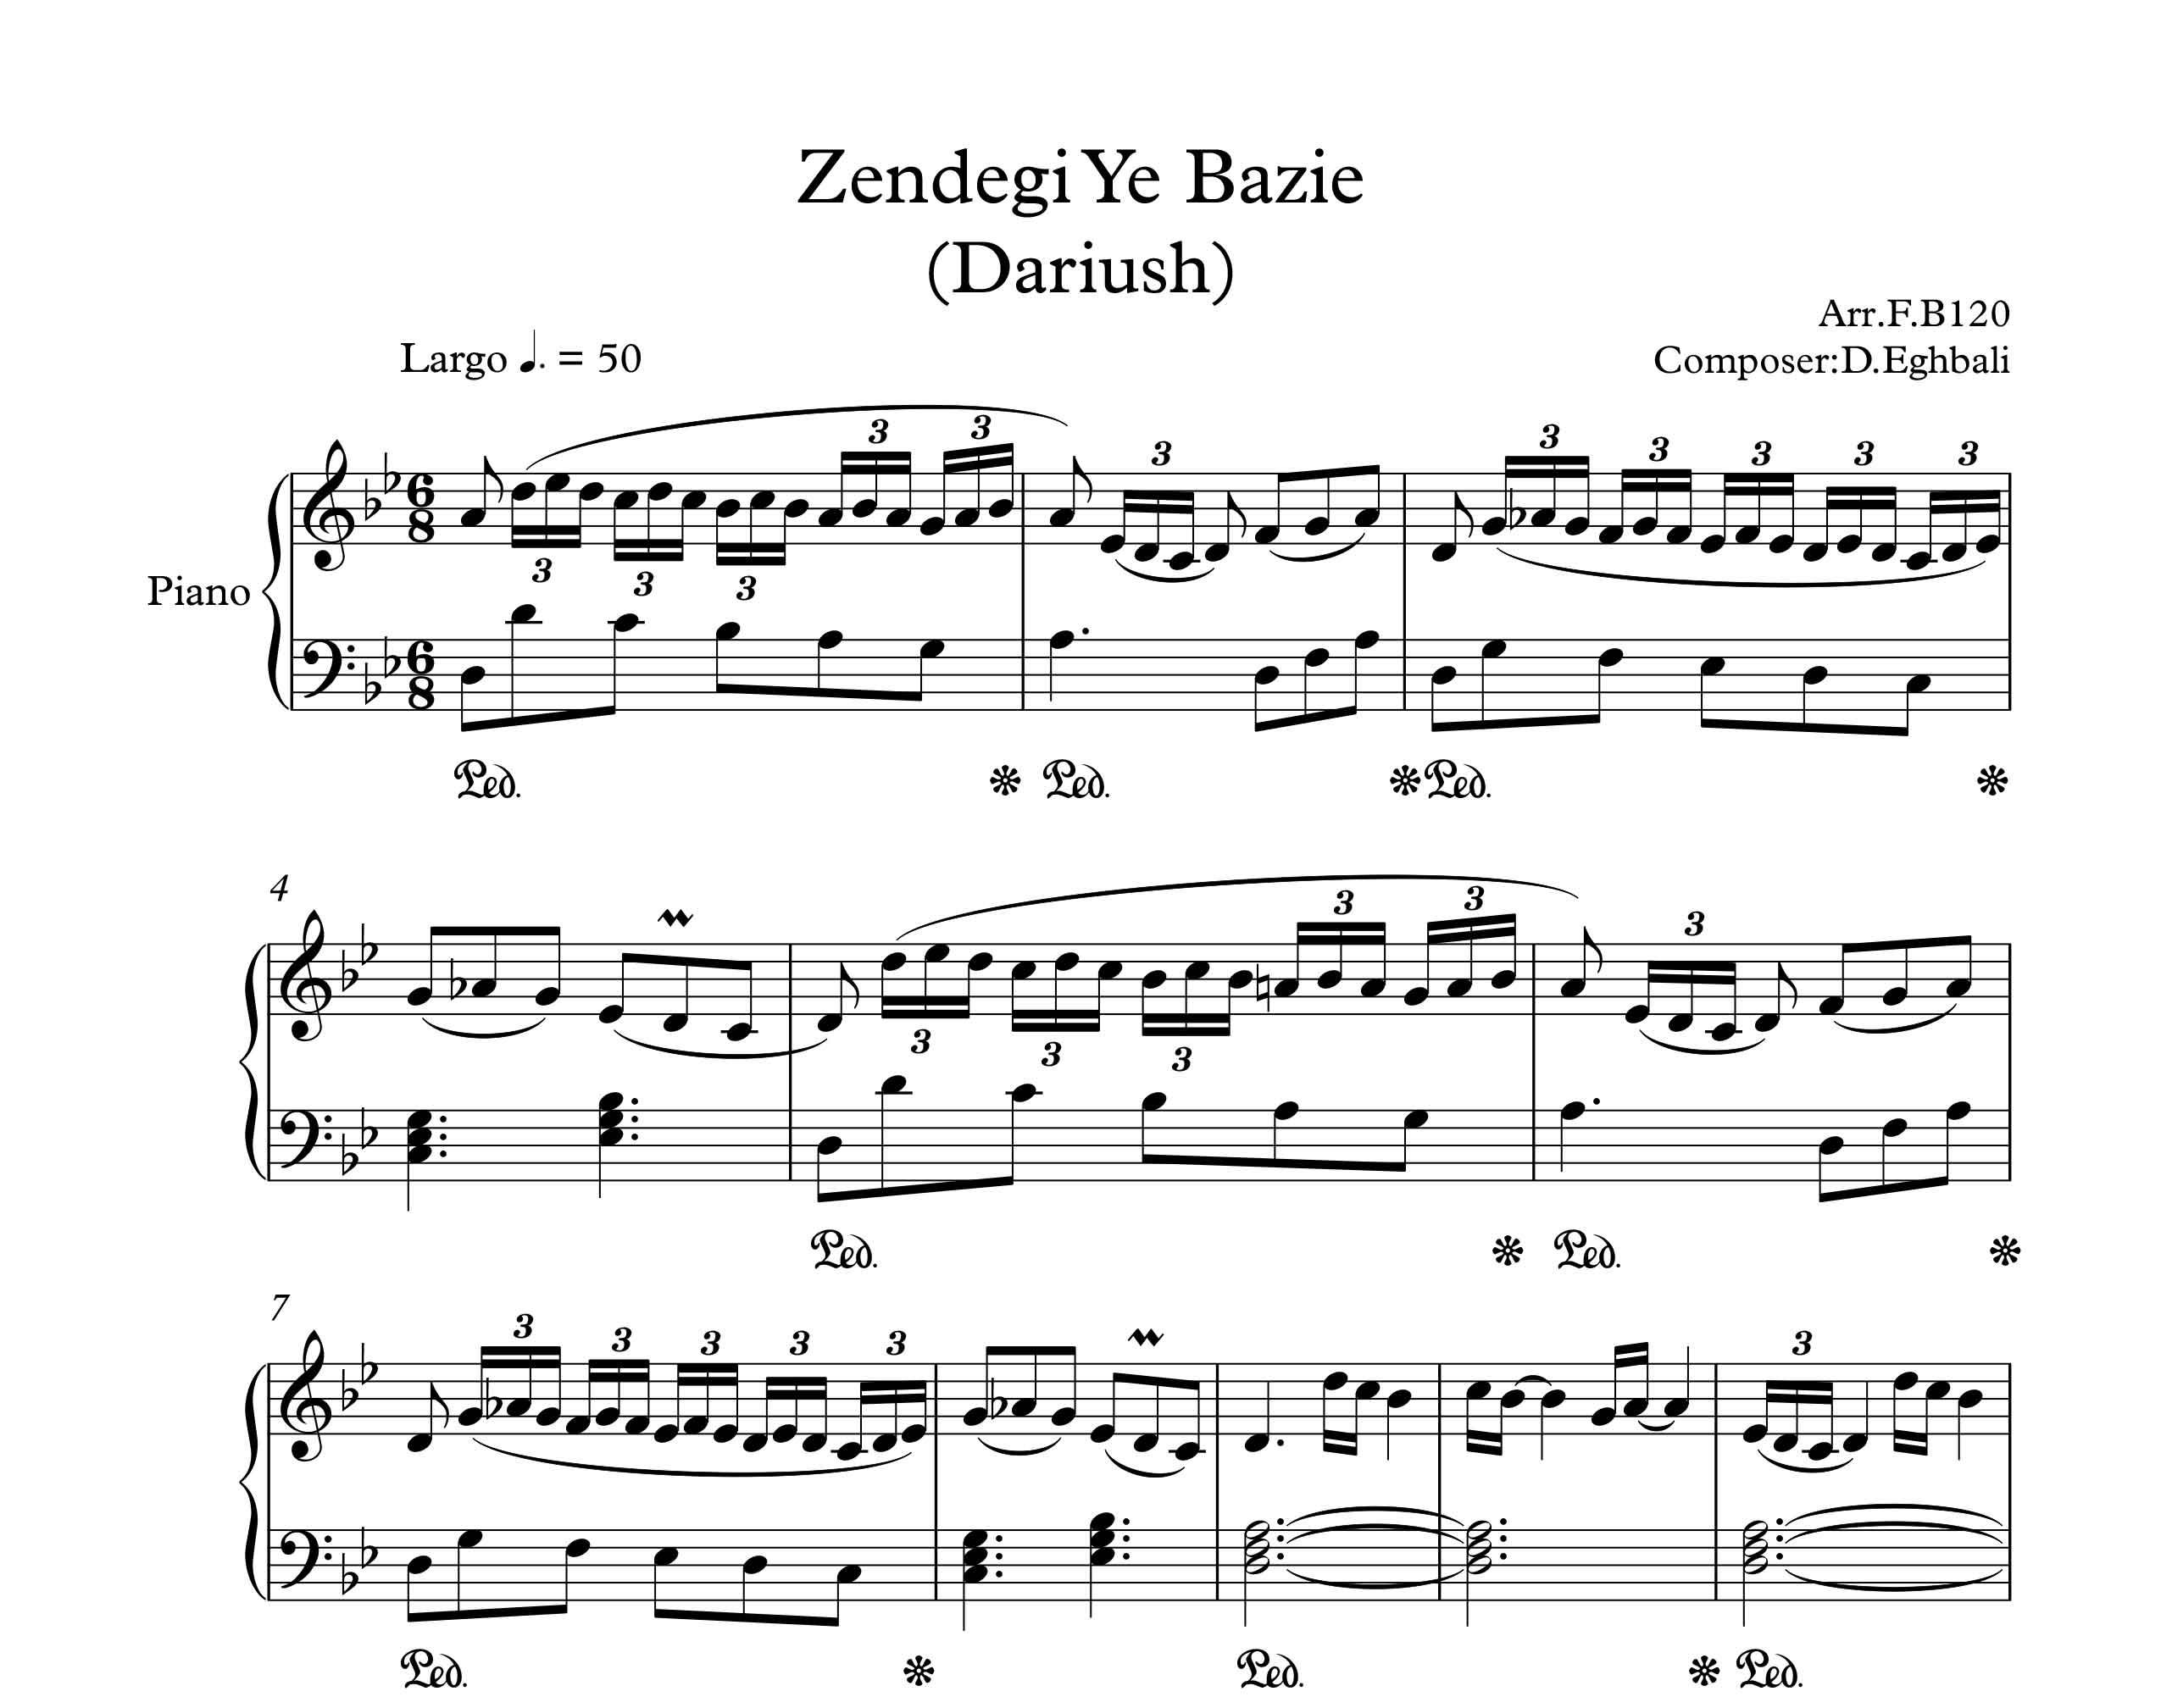 نت پیانوی زندگی یه بازیه از داریوش